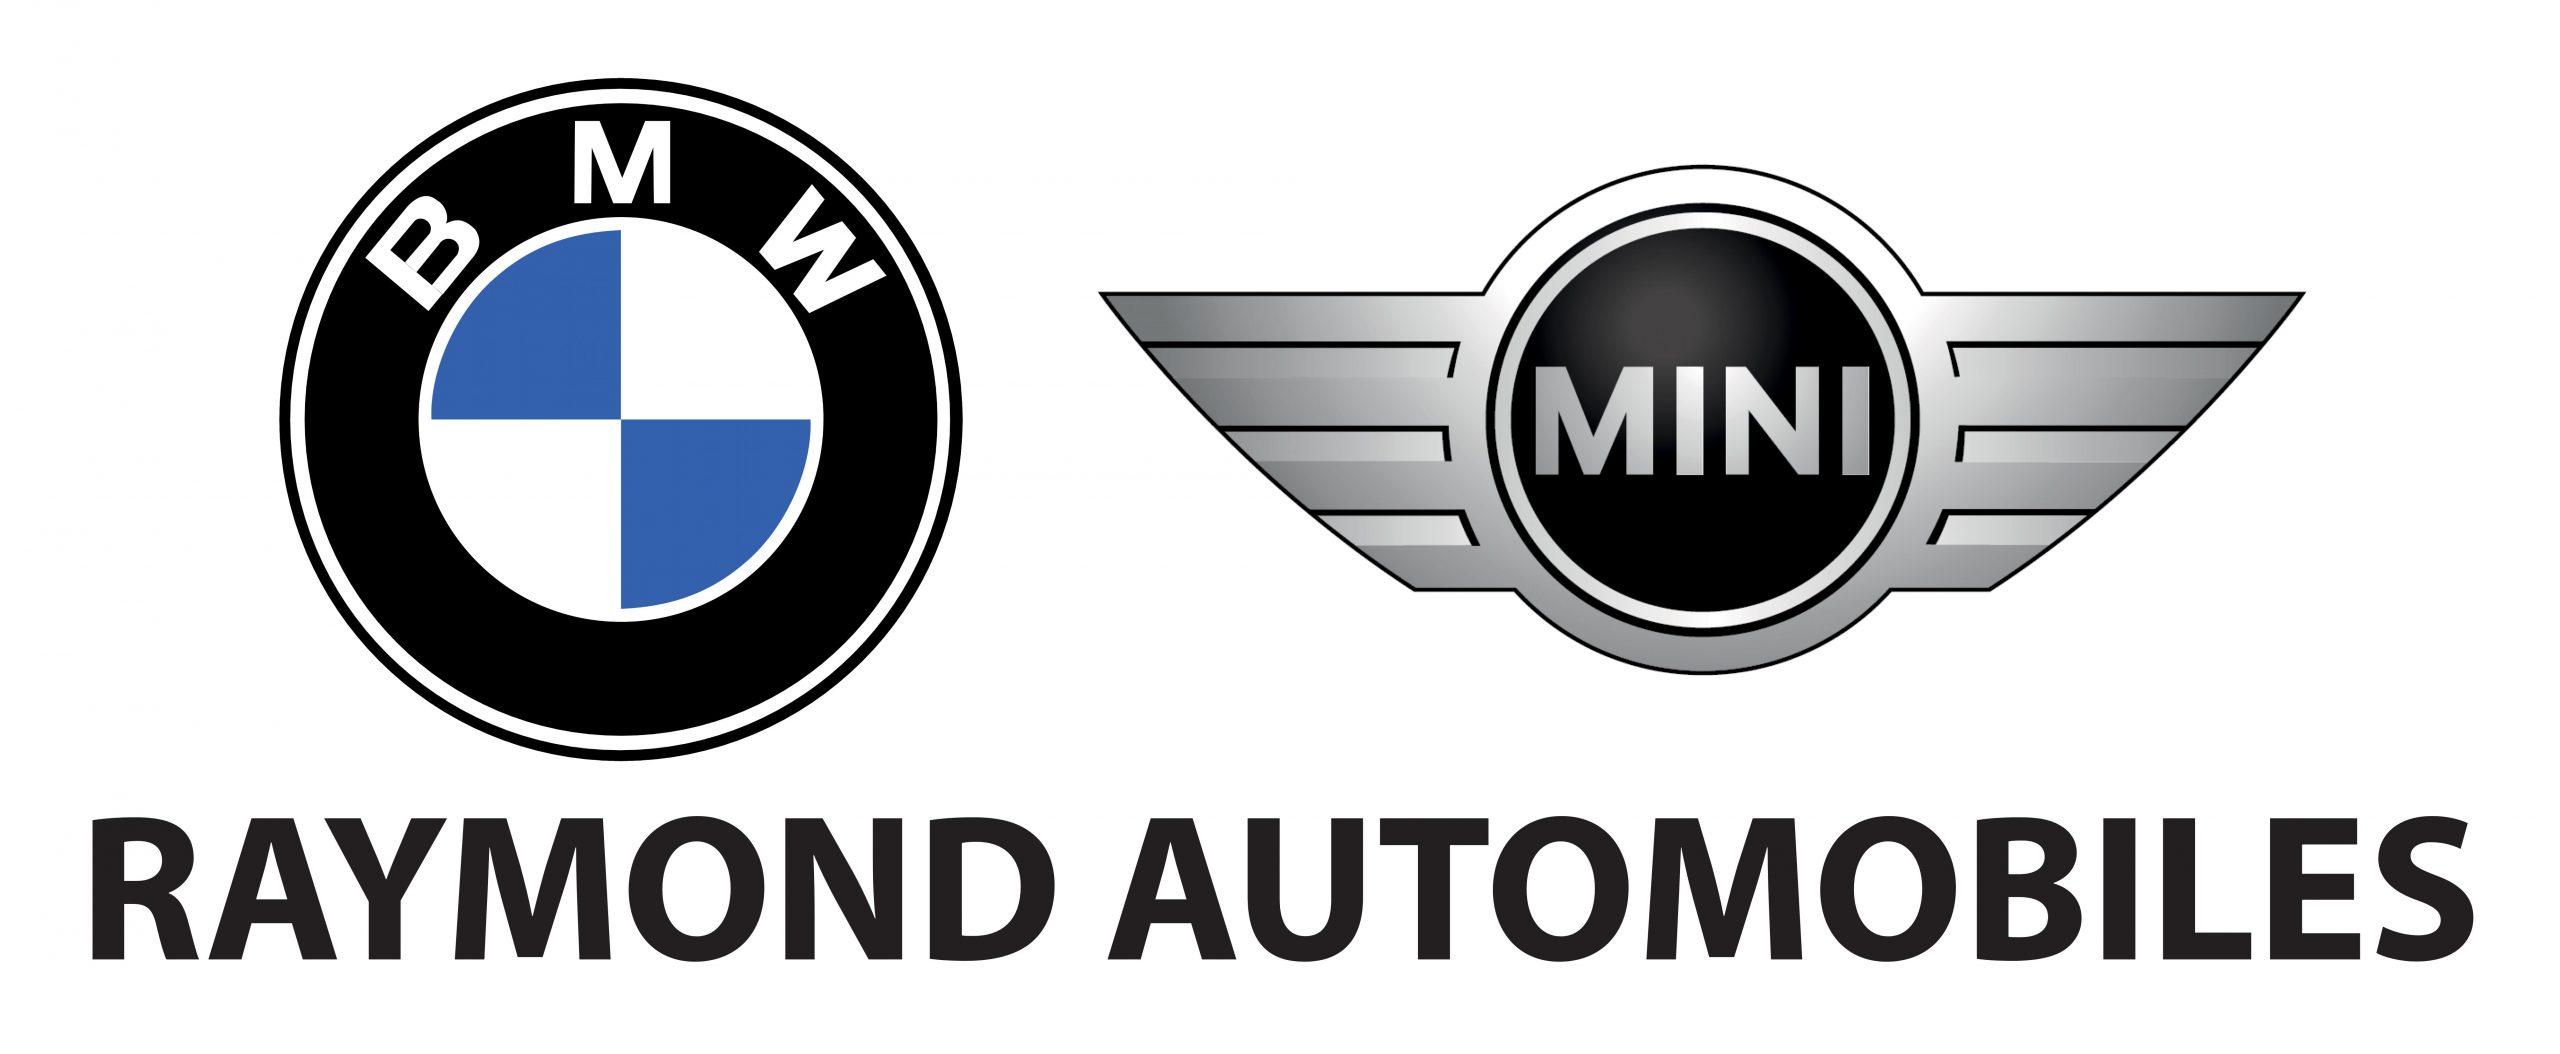 RAYMOND AUTOMOBILES_Page_1